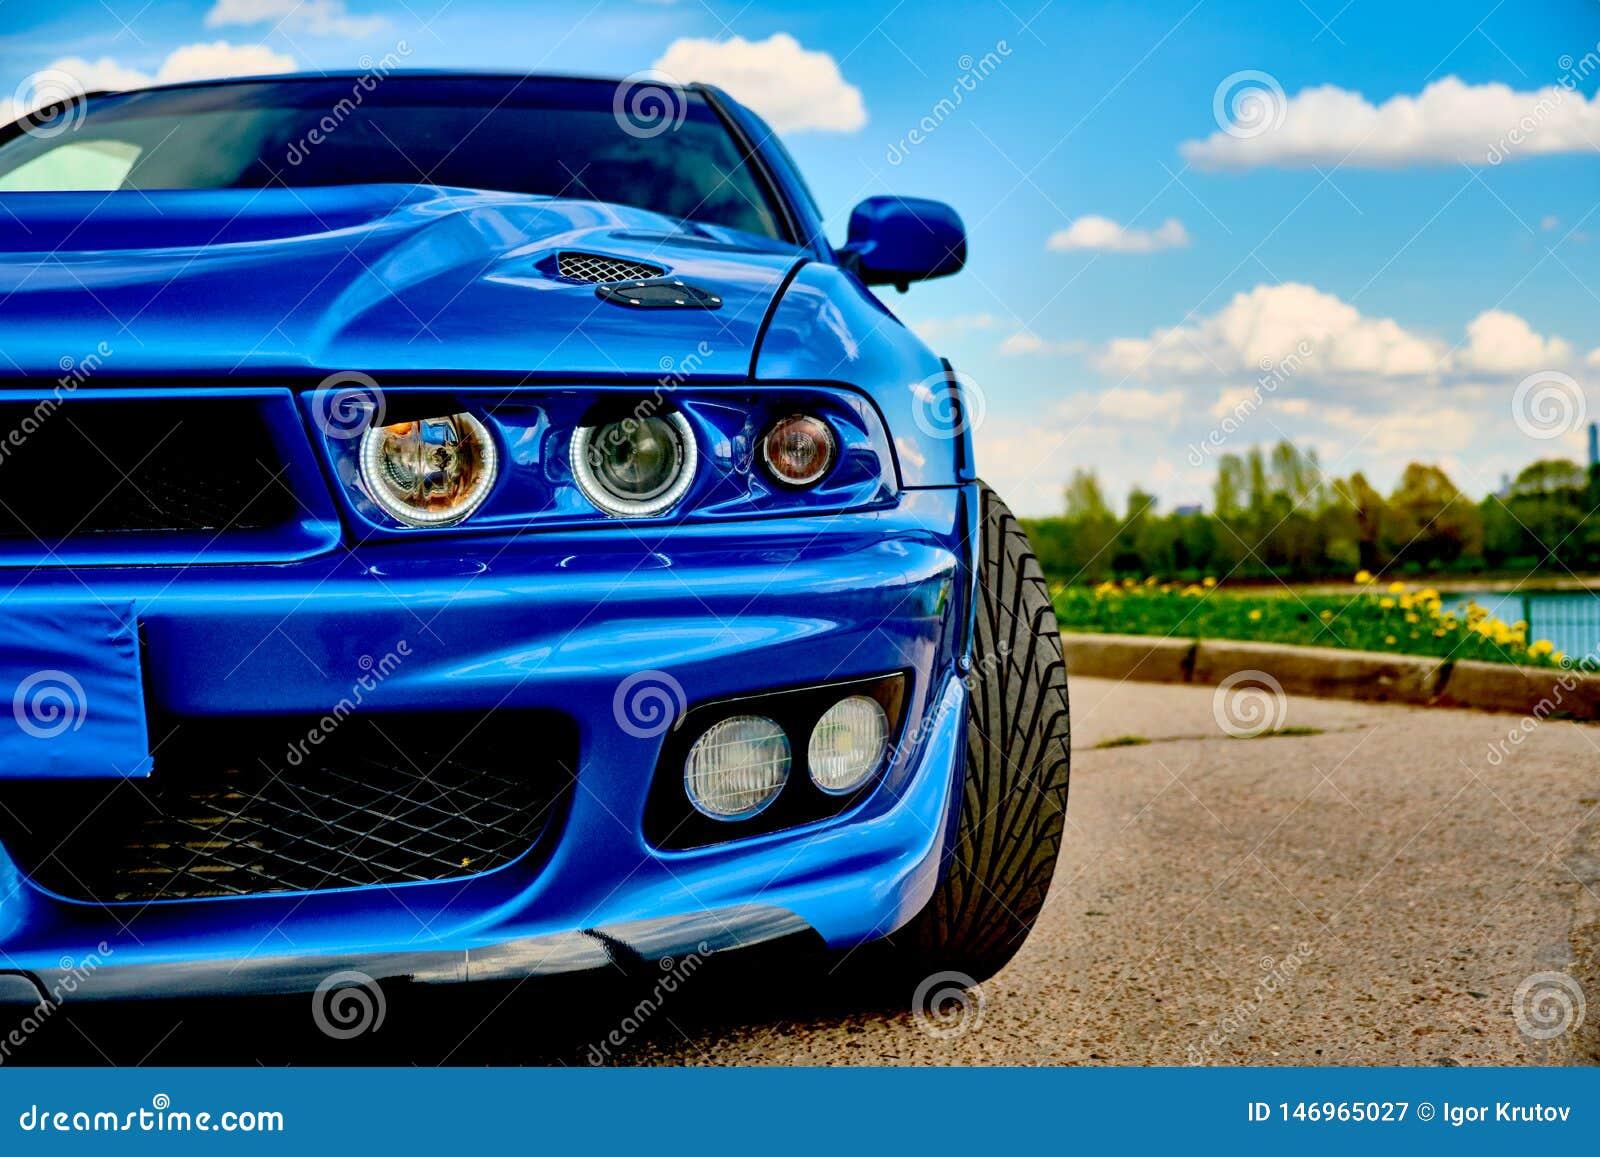 Automobile sportiva aggressiva in blu contro lo sfondo della natura